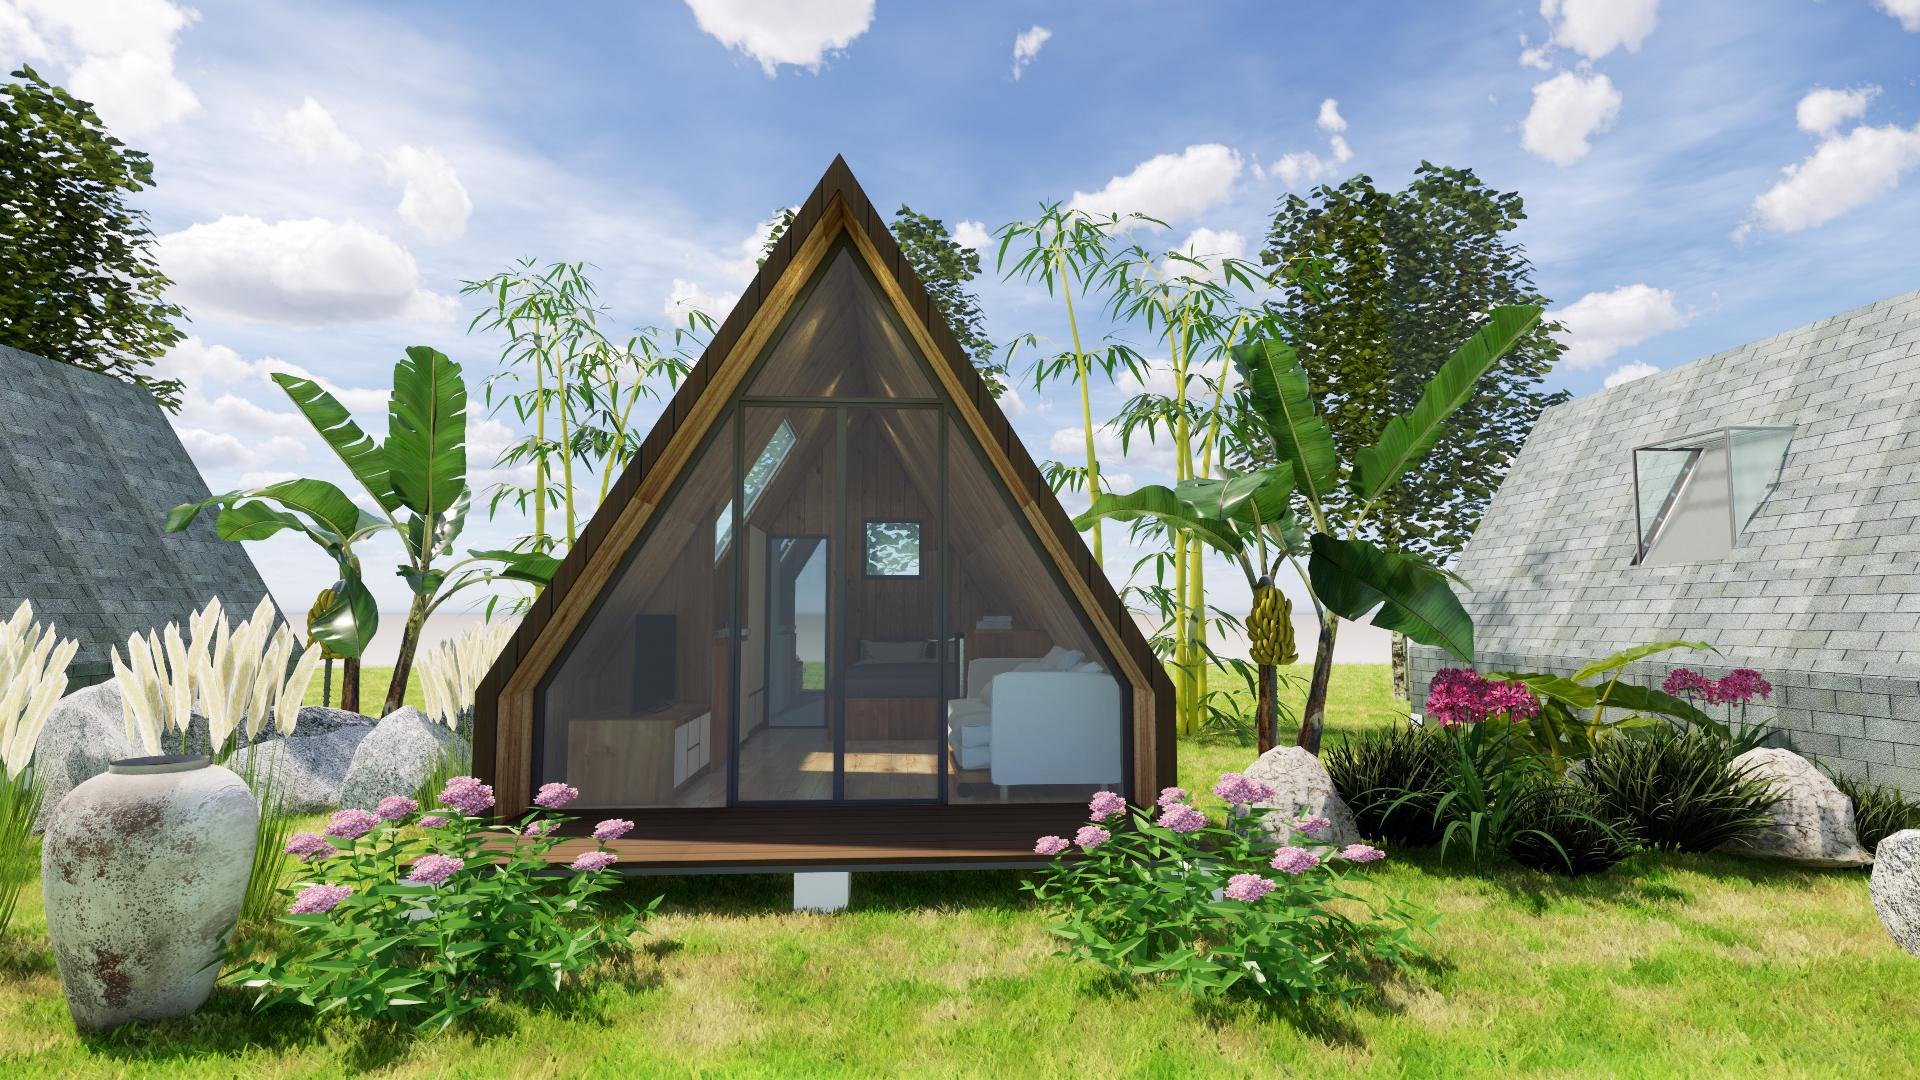 nội thất nhà gỗ bungalow